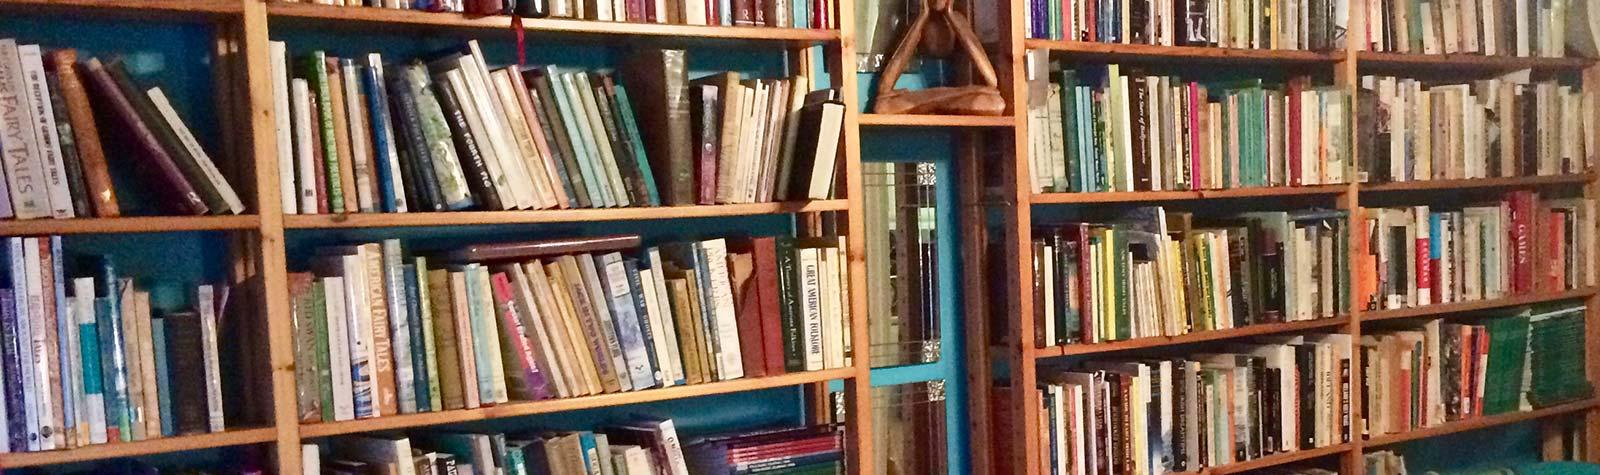 Books shelves banner